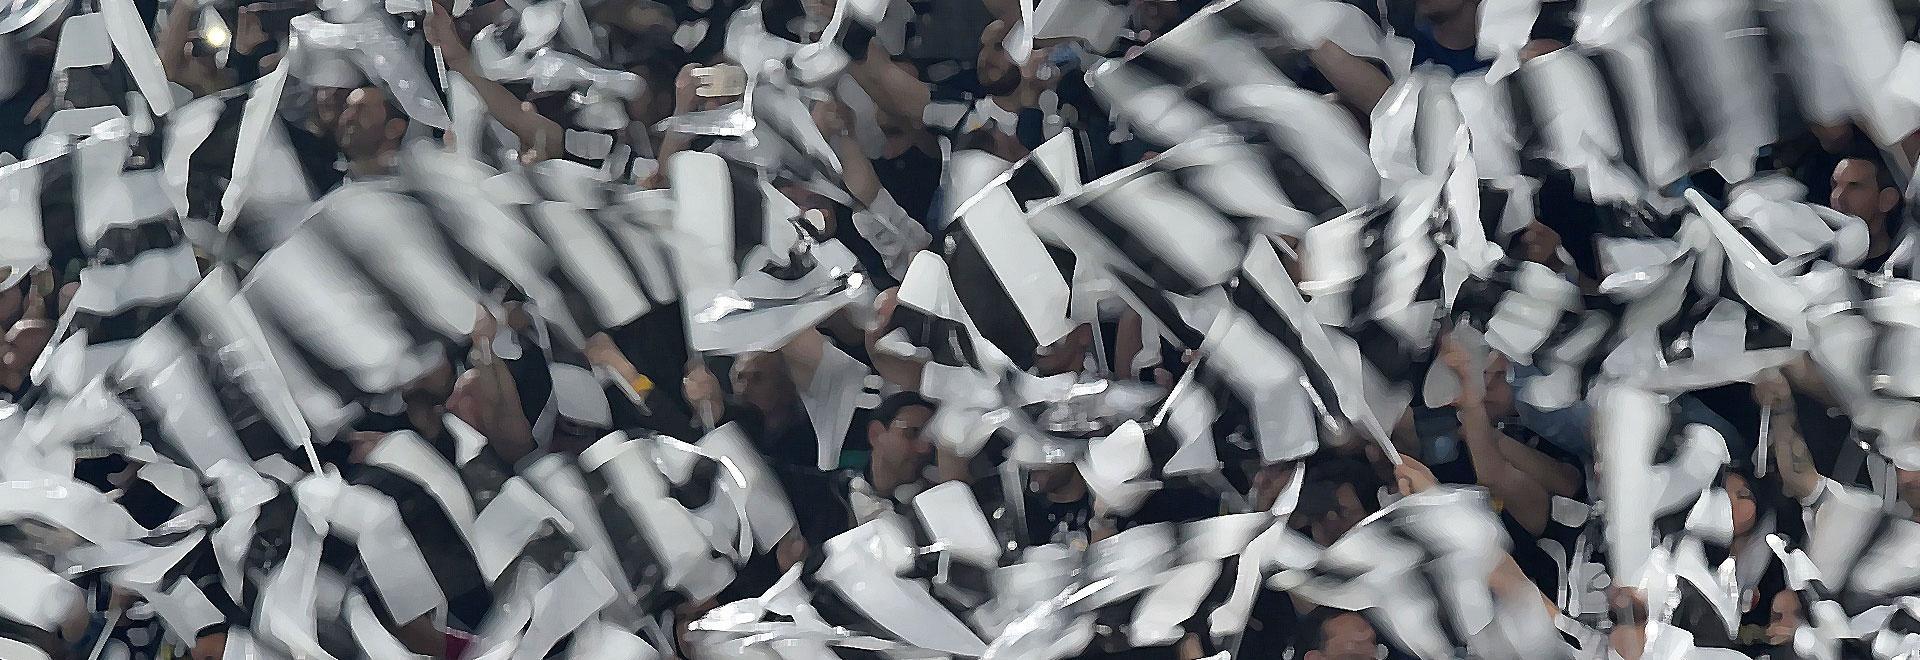 19-5-2007/2017: Dieci anni di Juventus